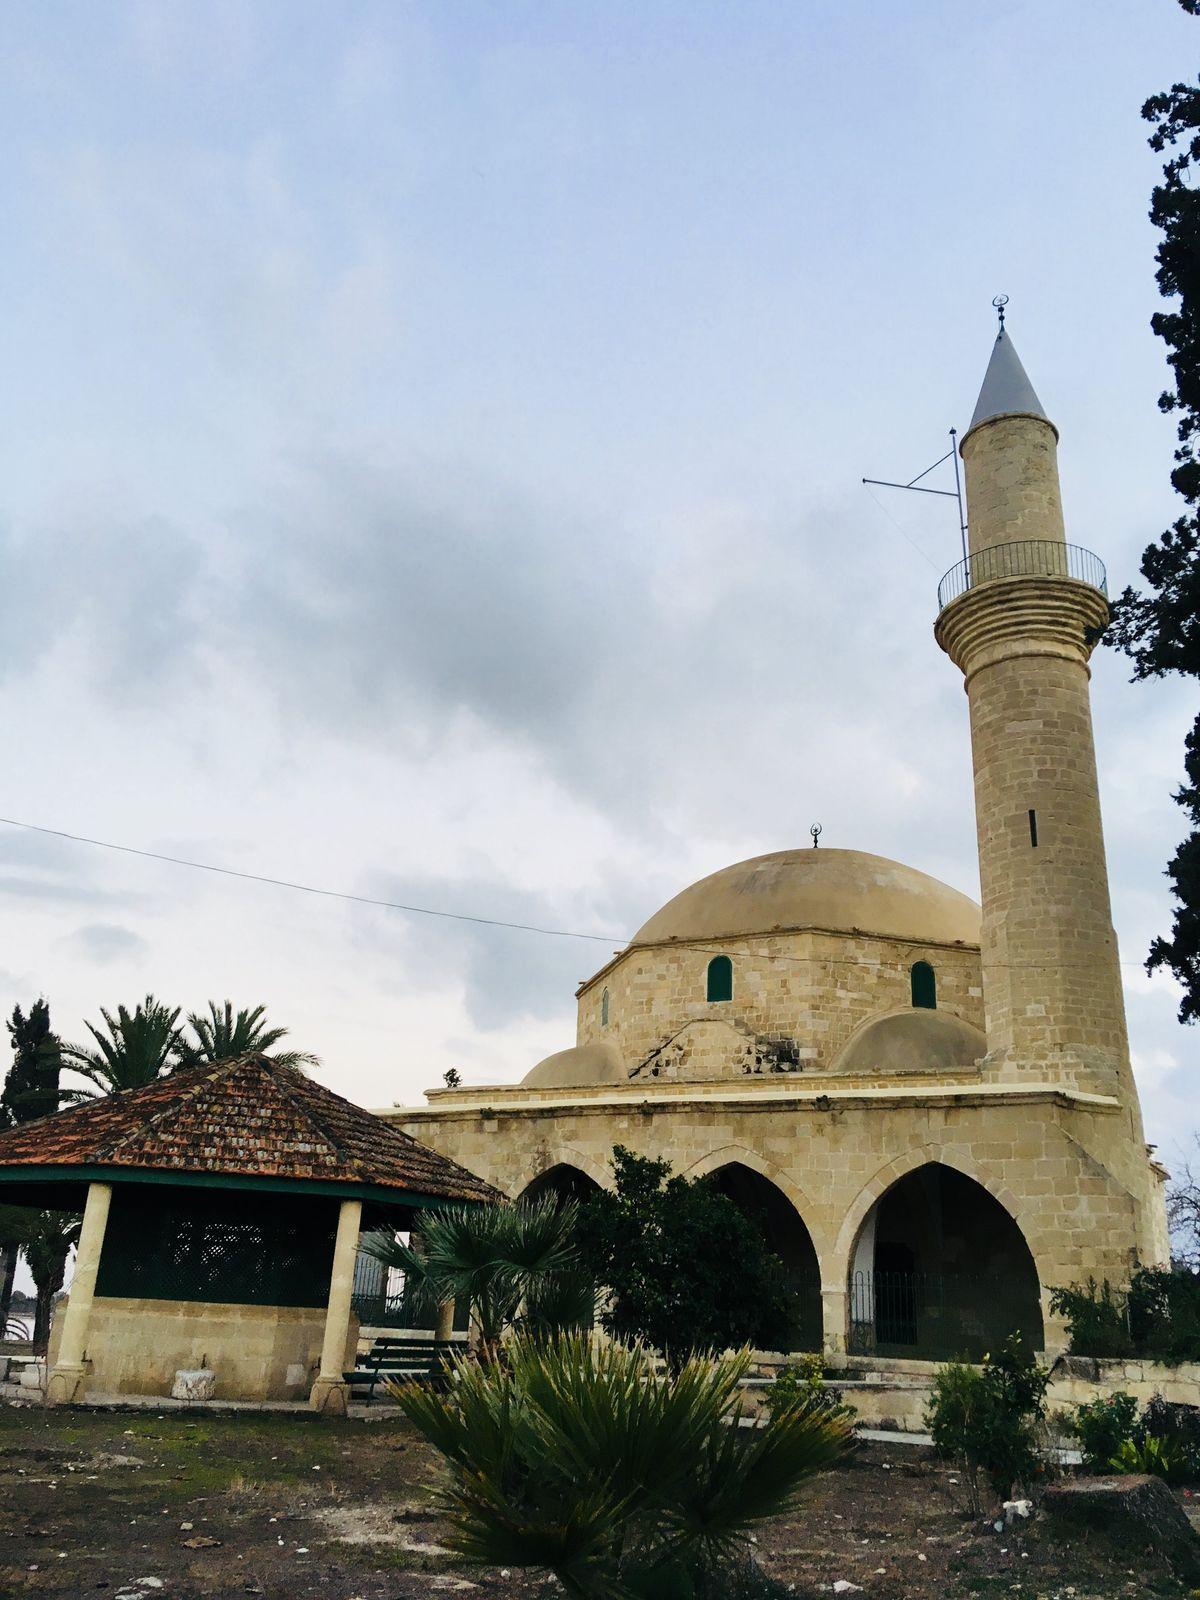 Hala Sultan Tekke